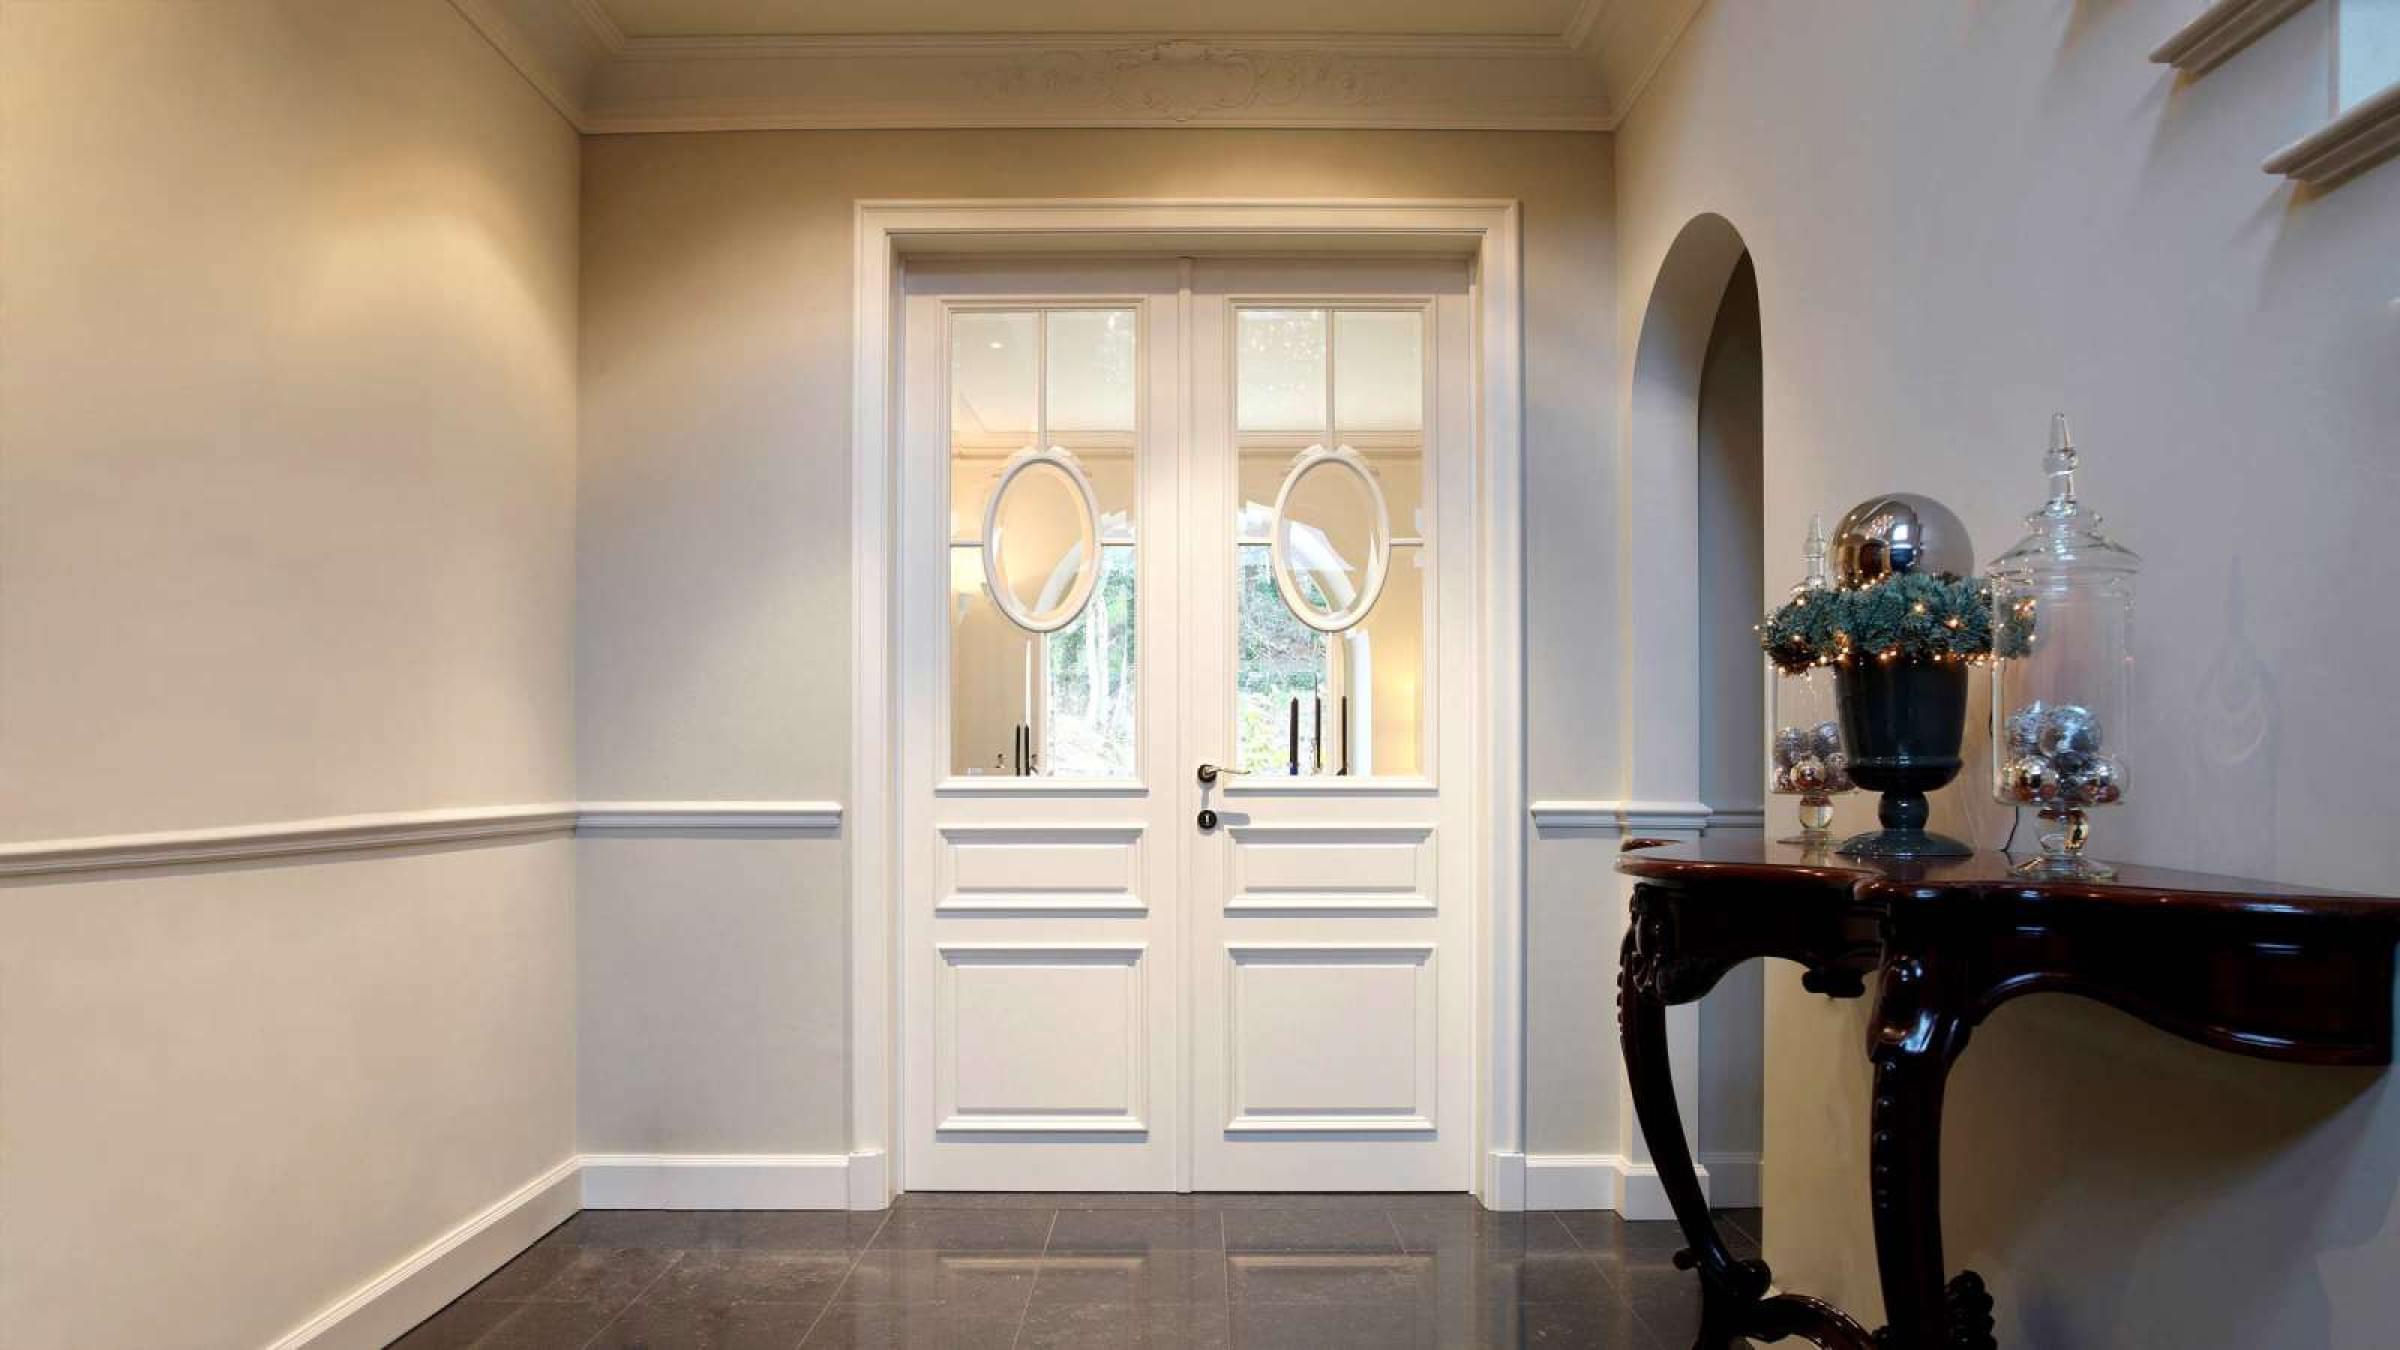 nordex-dubbele-deuren-ruimte-2400